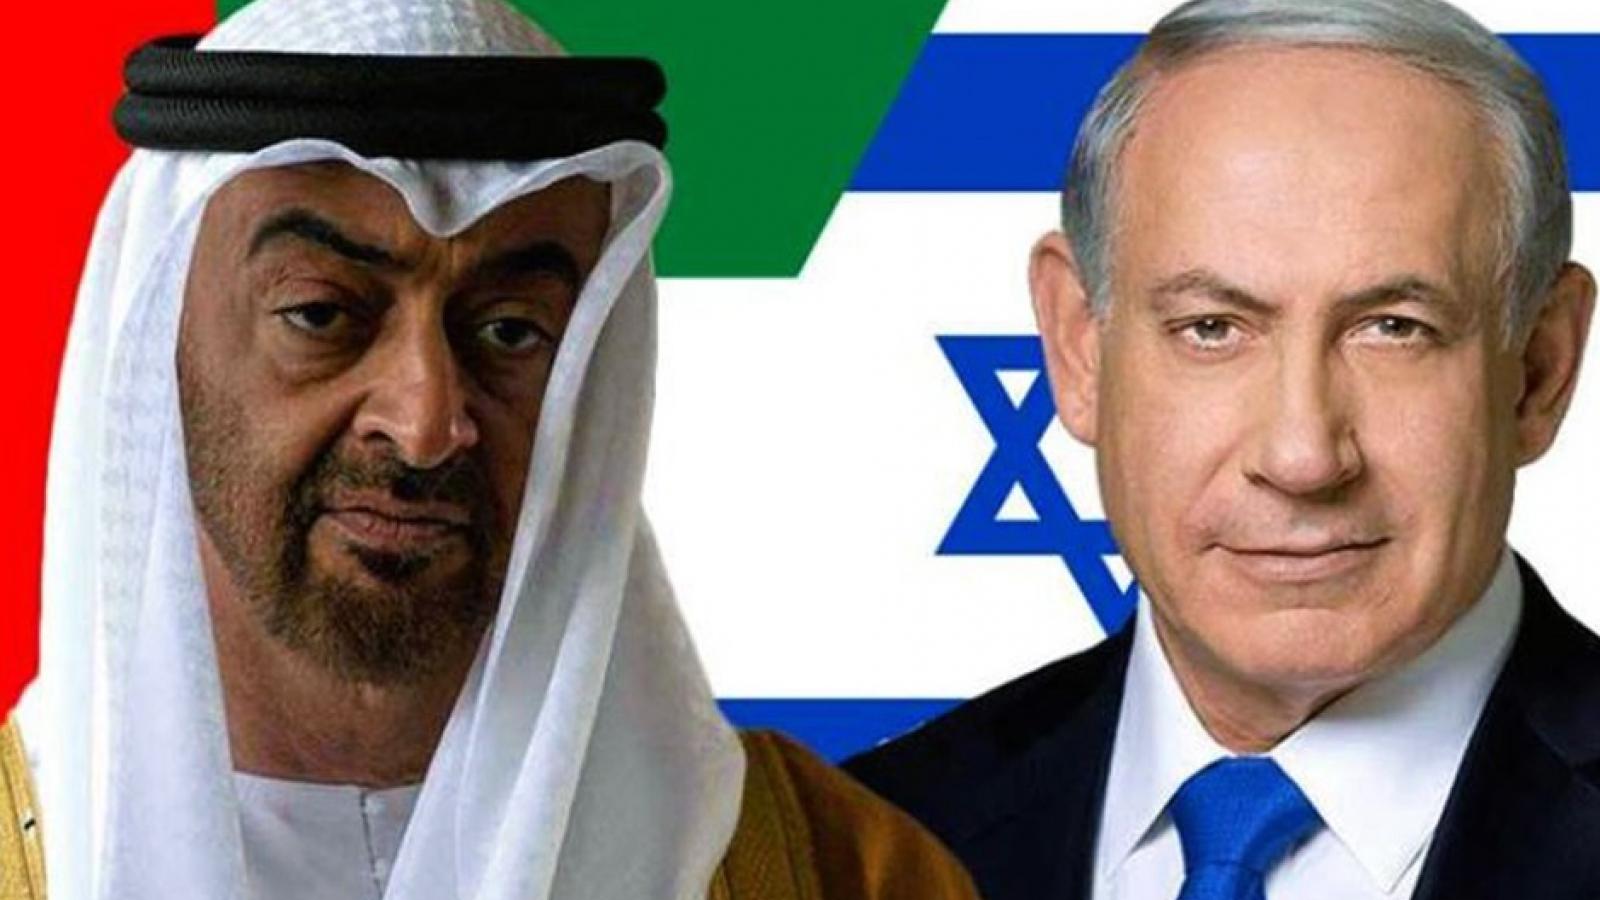 Quốc hội Israel chính thức thông qua thỏa thuận bình thường hóa quan hệ với UAE